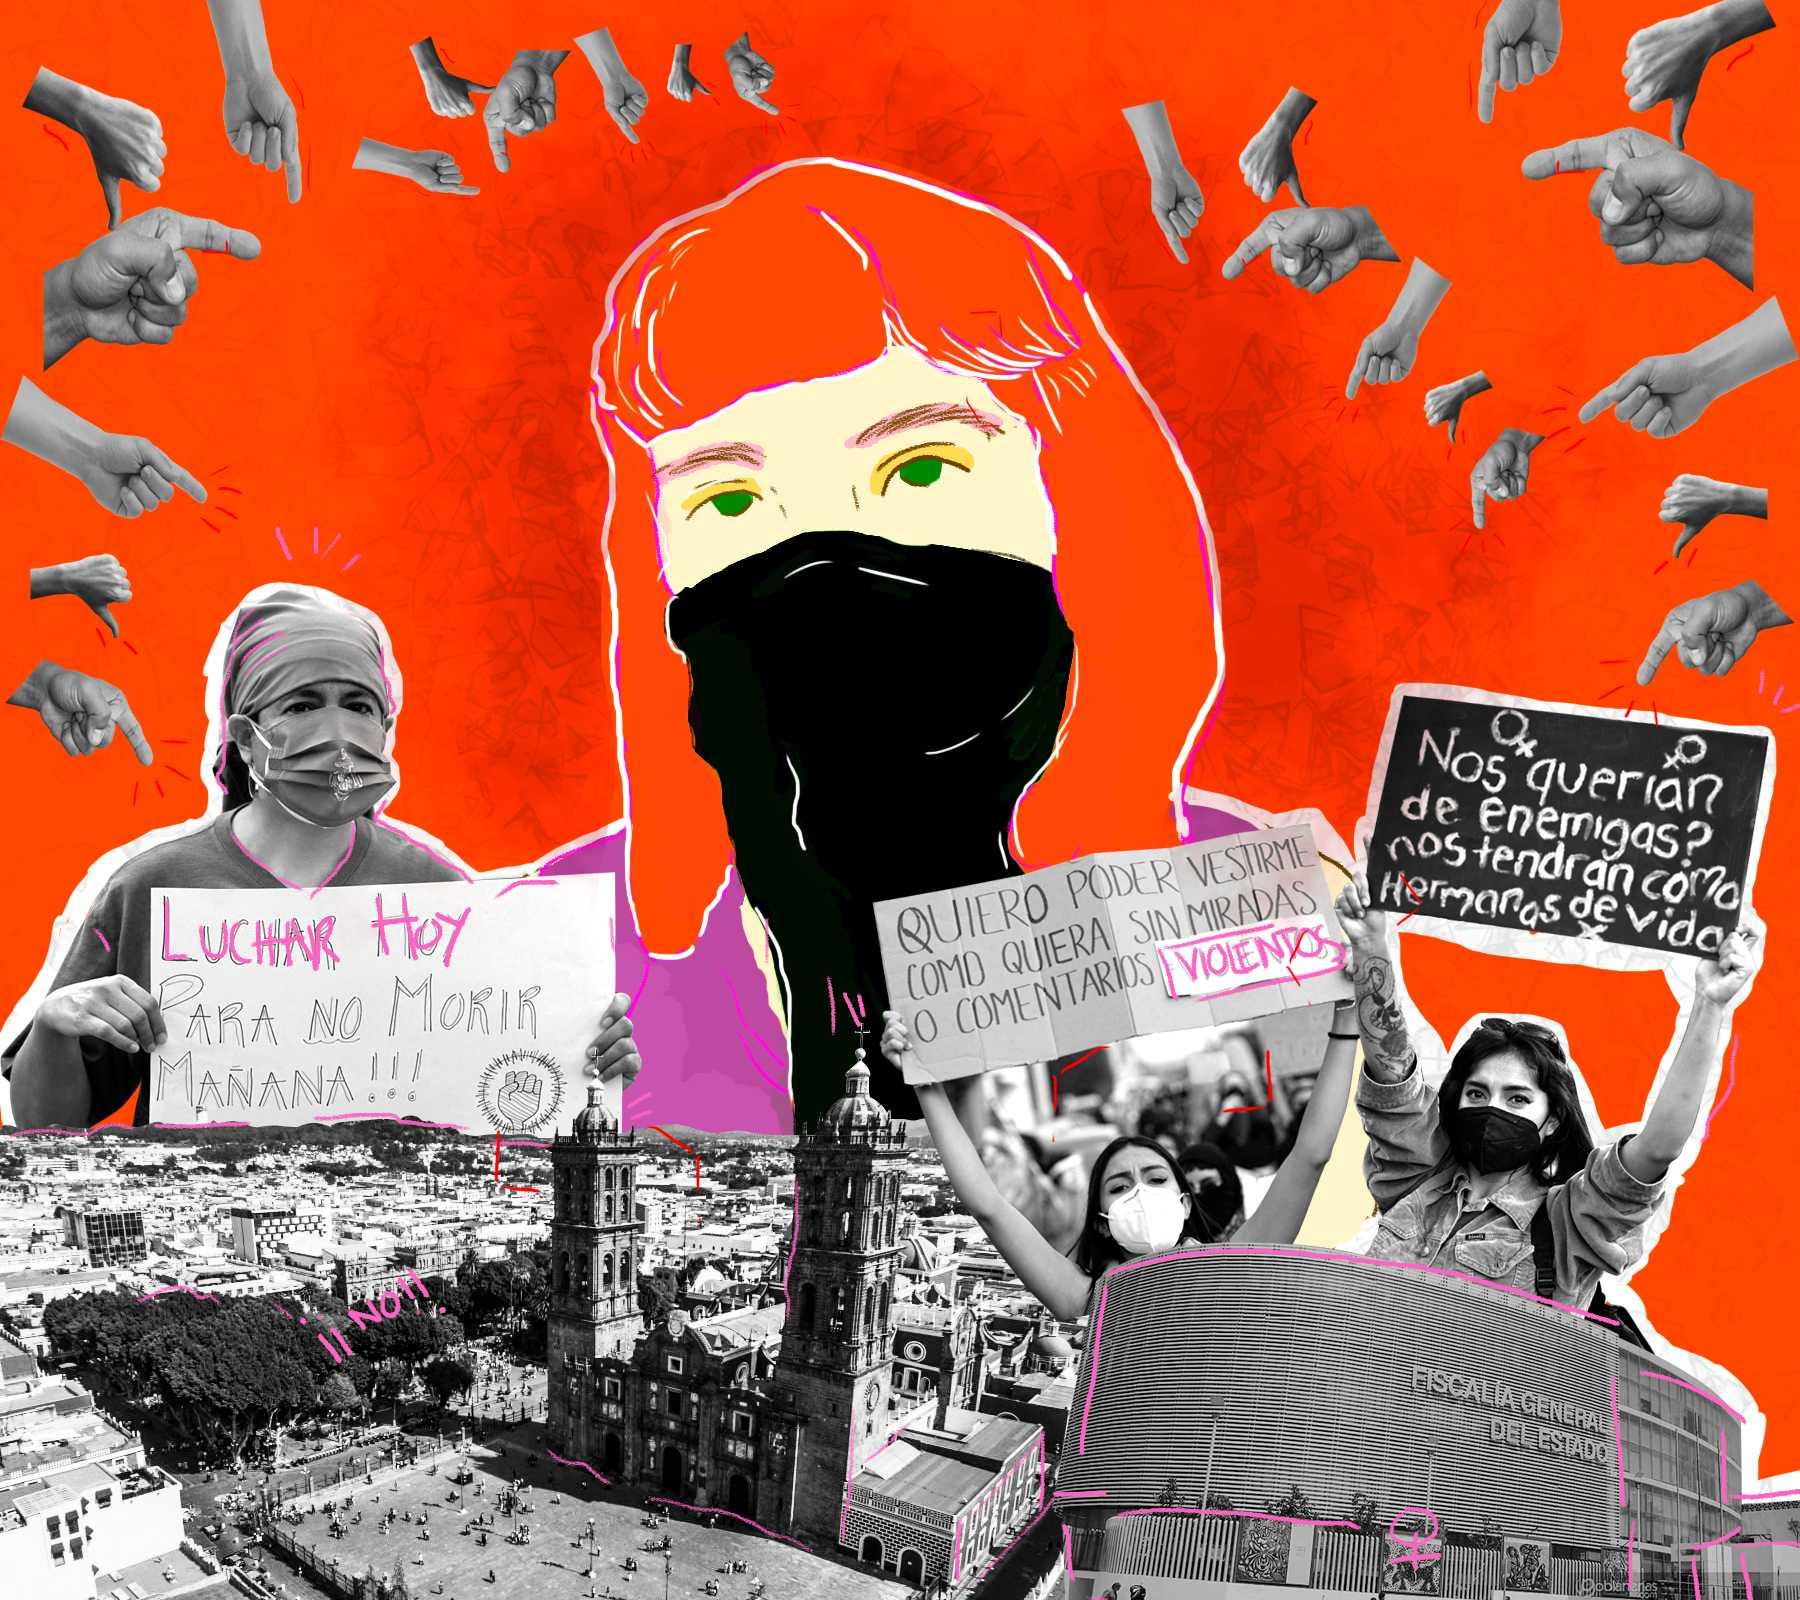 Fotografías: Brenda Palacios. Collage: Valeria Bautista